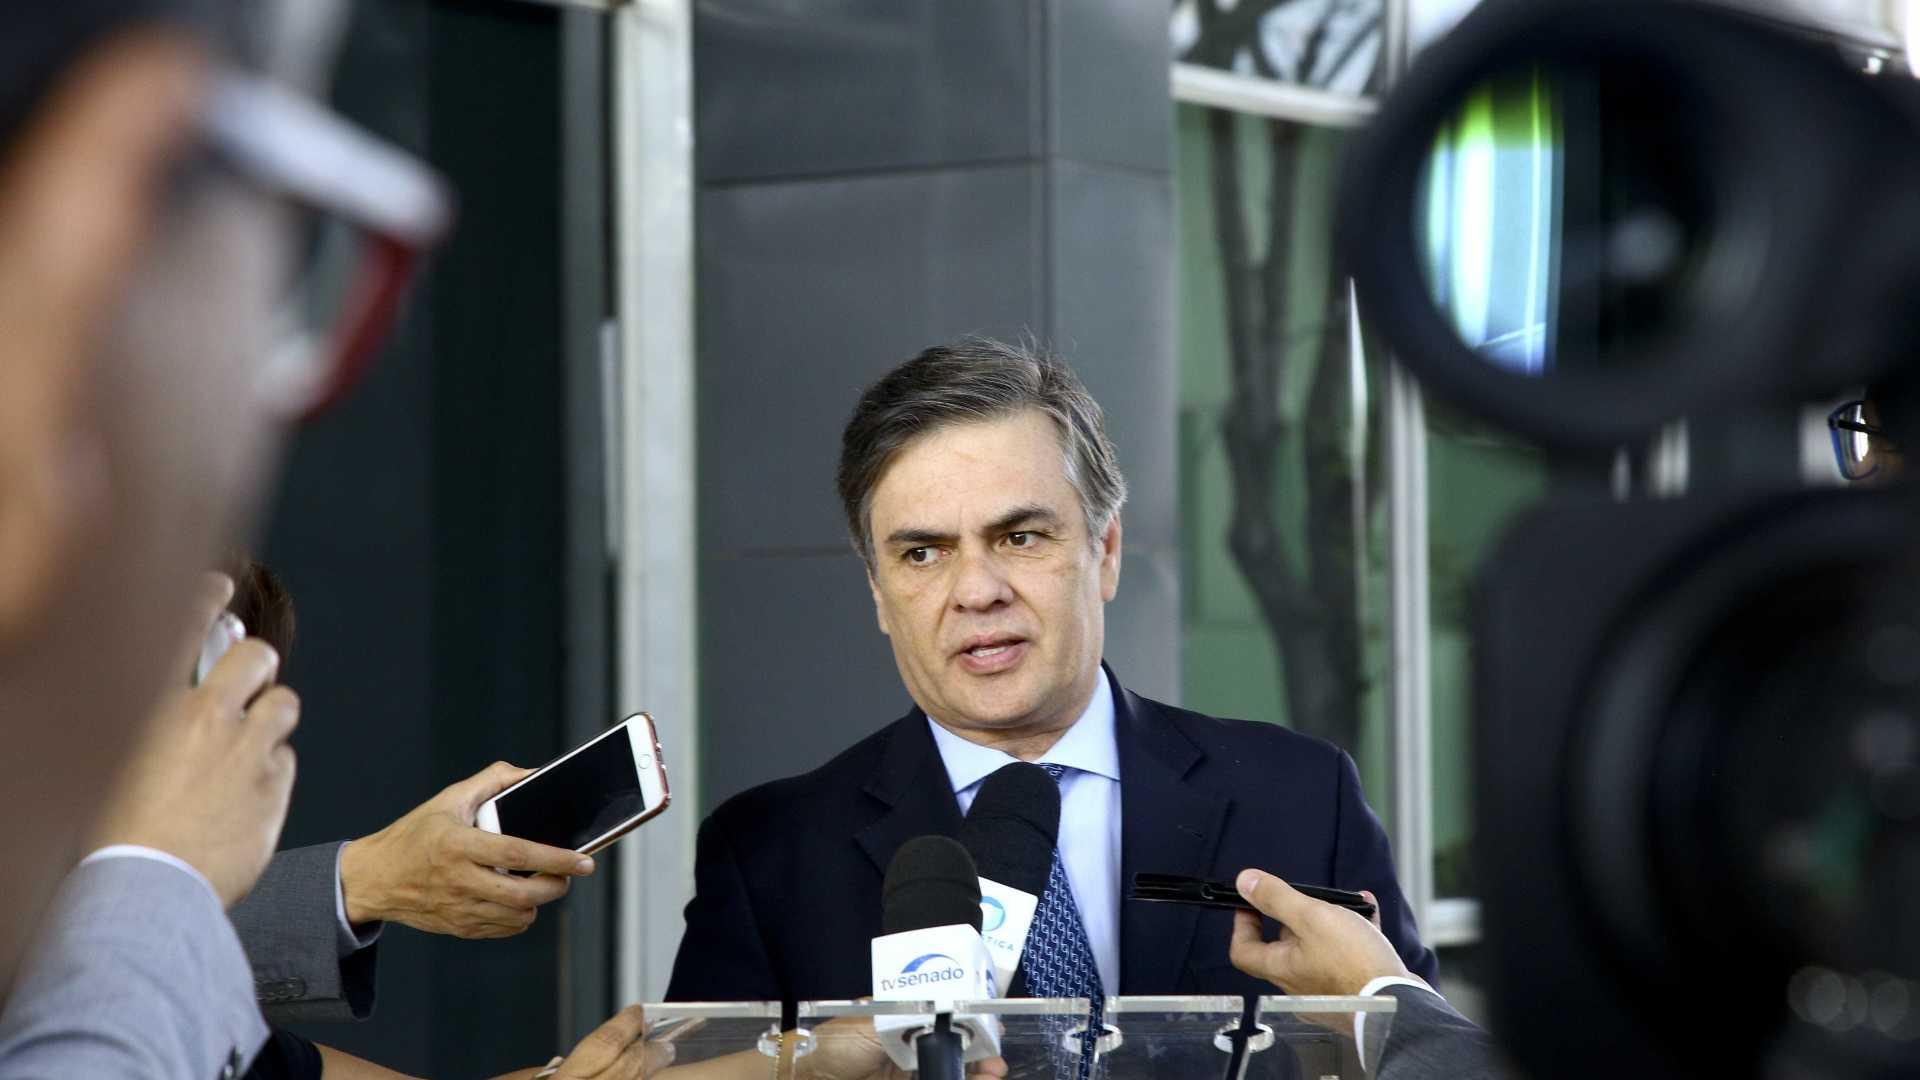 naom 59dd2cb9c52a3 - Cássio Cunha Lima sugere demissão de presidente da Petrobras